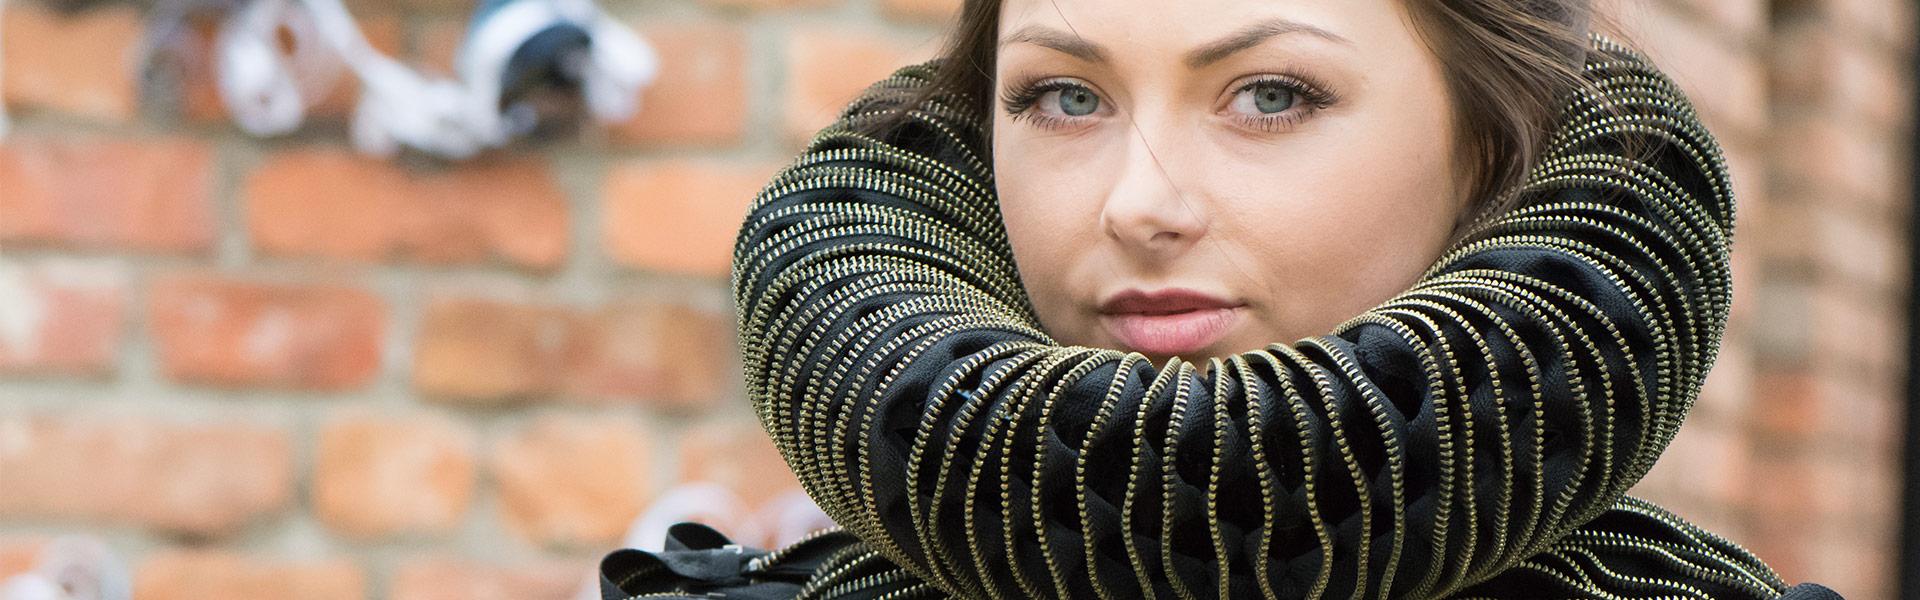 Textile art piece